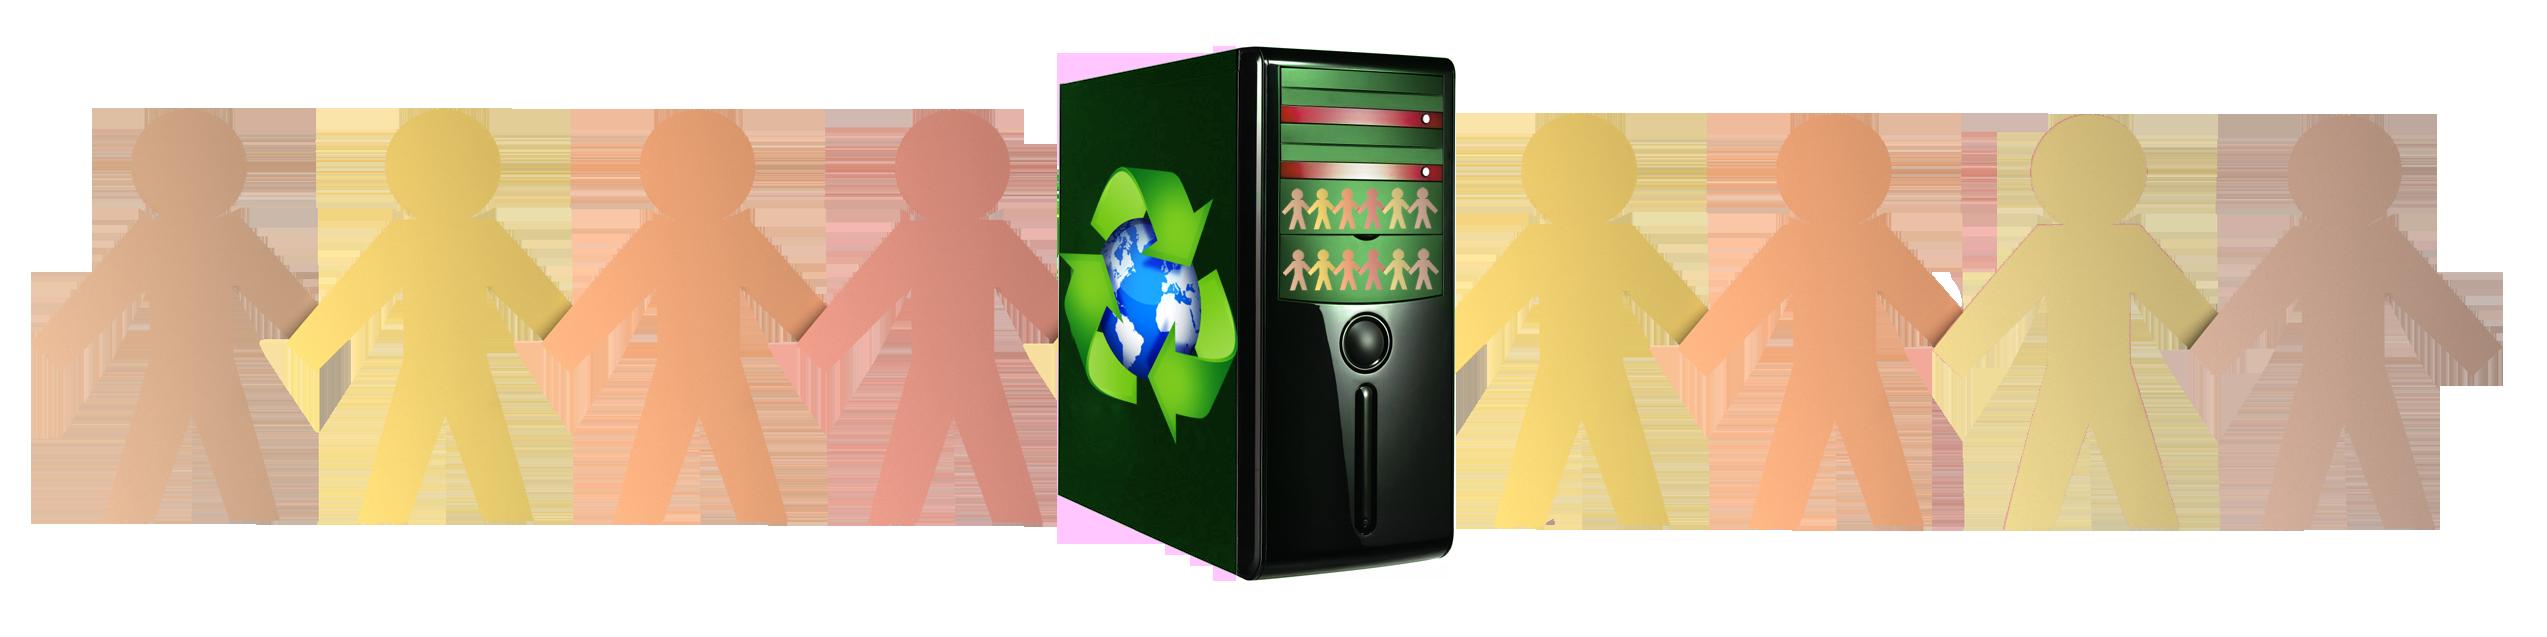 Soziale und grüne Computer